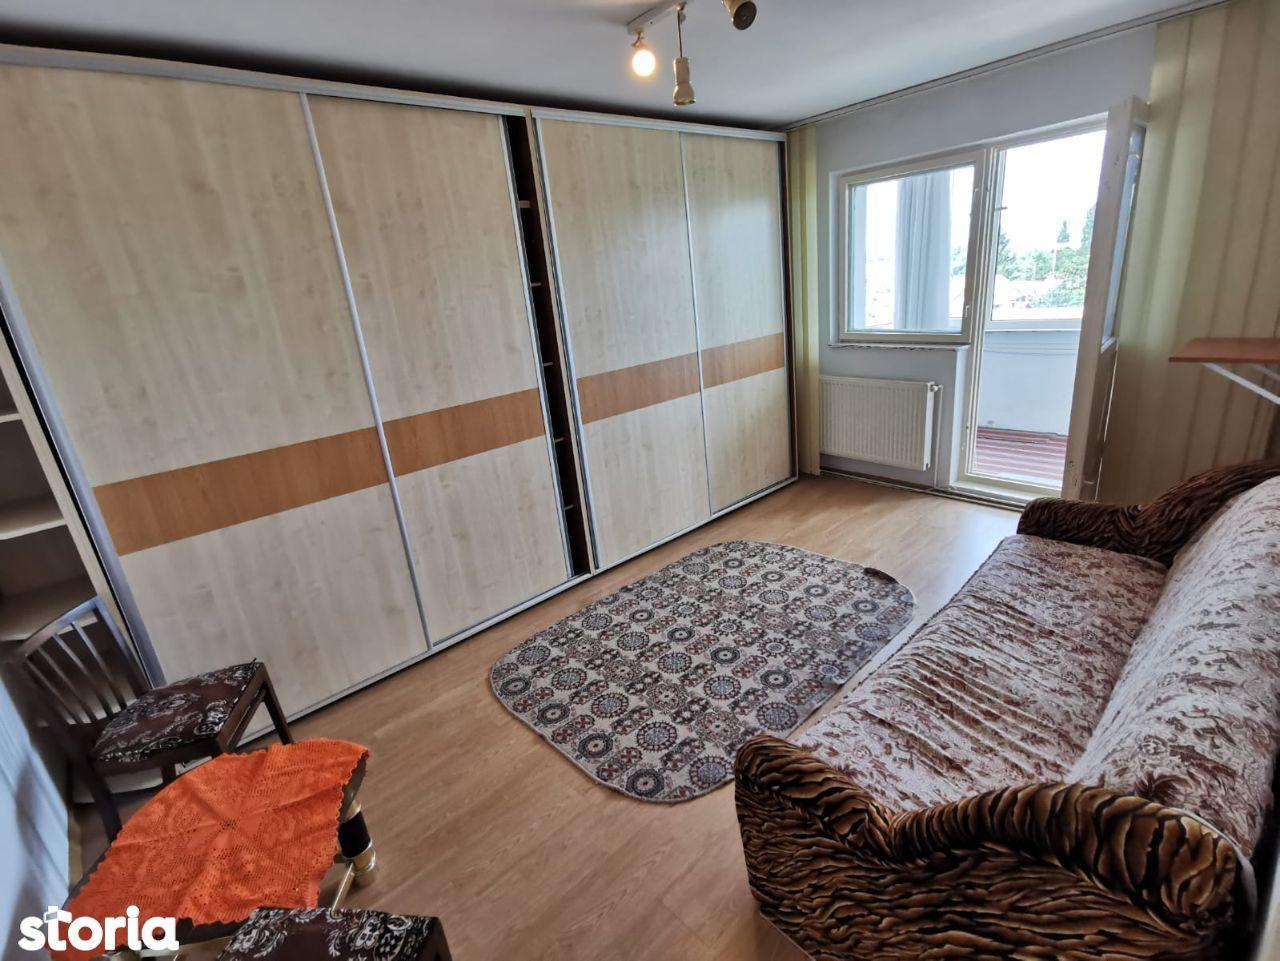 Vanzare apartament 2 camere, decomandat, Ghimbav,insorit,mobila/utilat